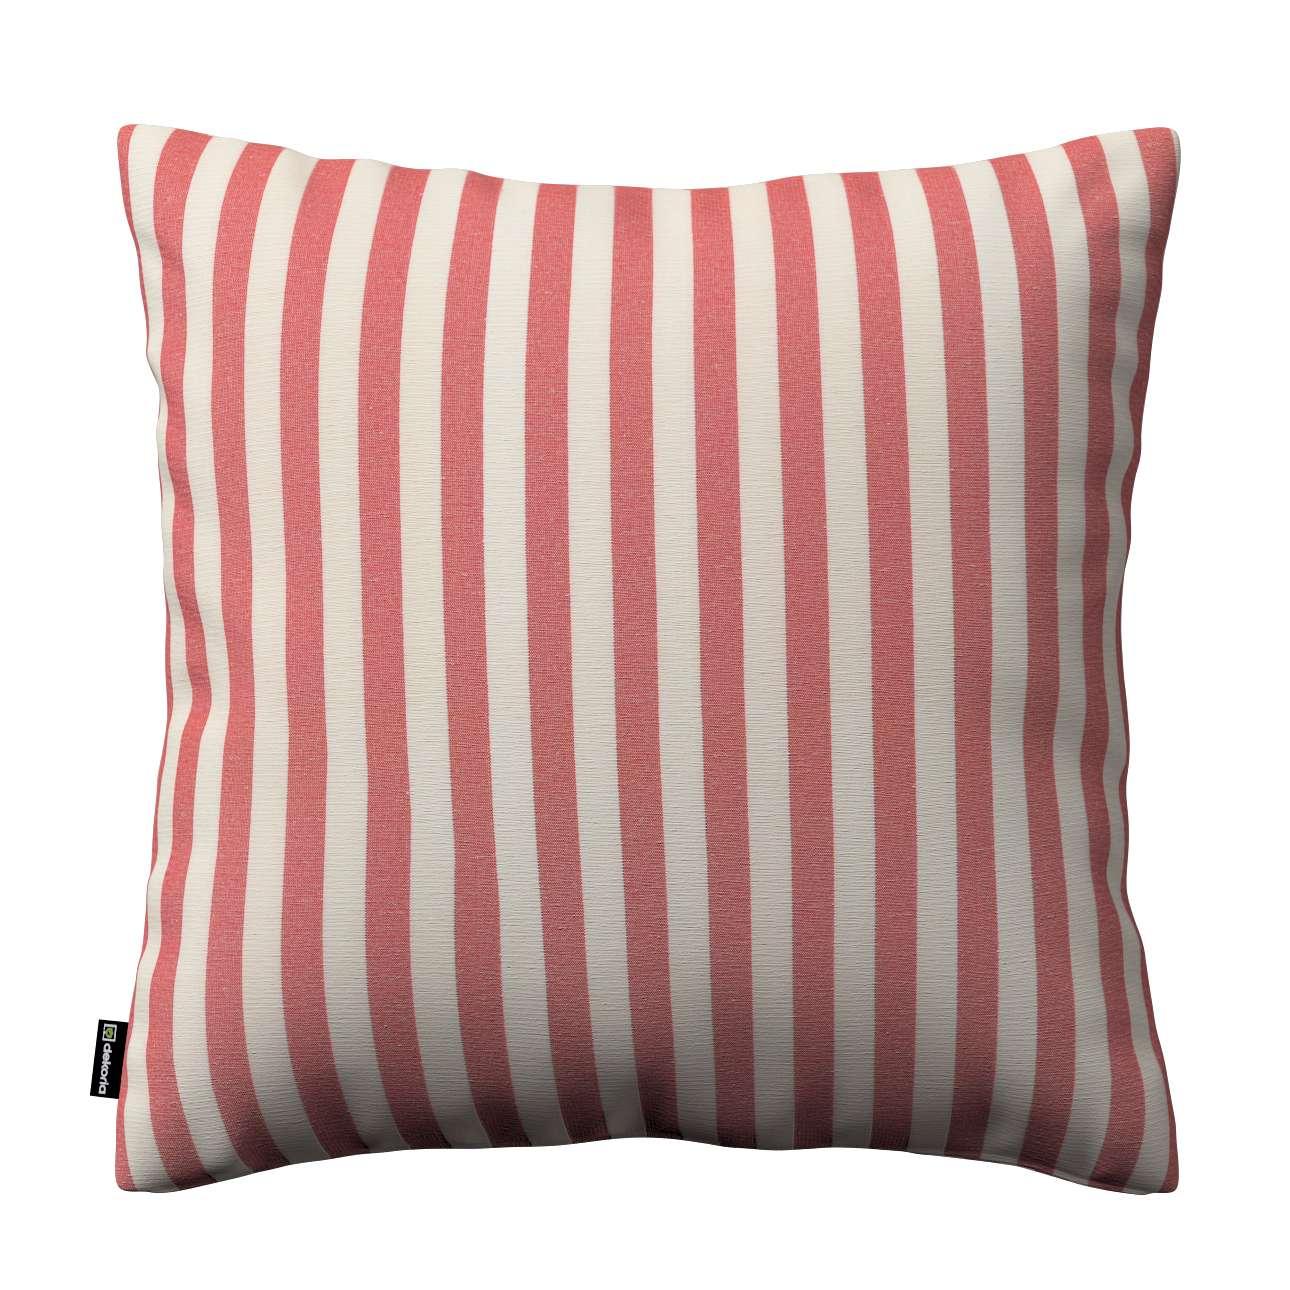 Kinga dekoratyvinės pagalvėlės užvalkalas 43 x 43 cm kolekcijoje Quadro, audinys: 136-17